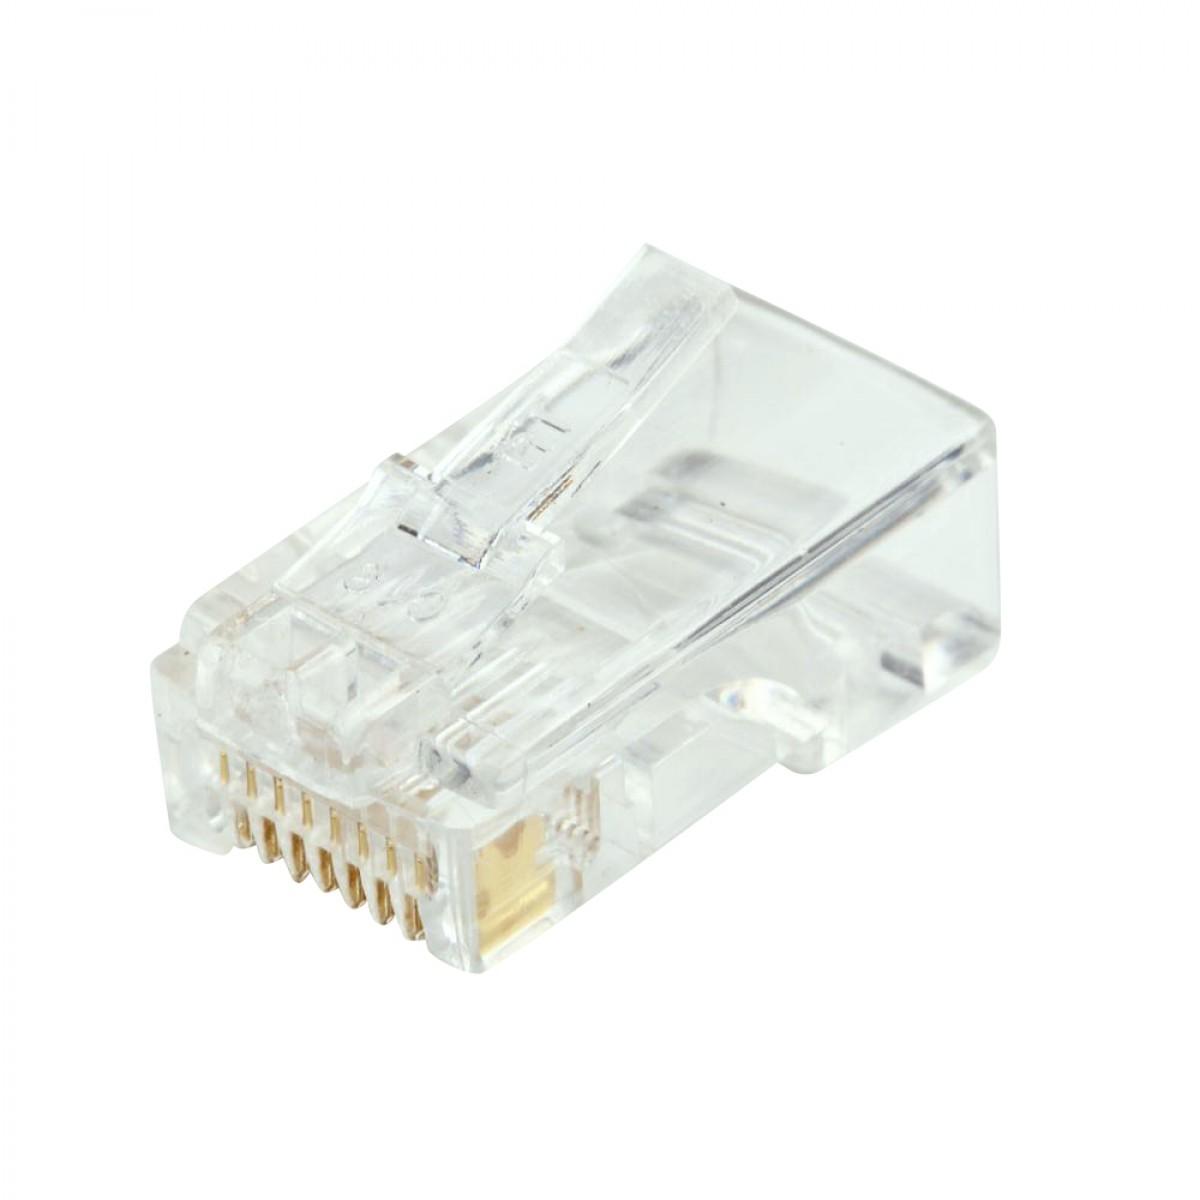 K3001 Rj45 Cat5e Cable Connector Connectors Accessories